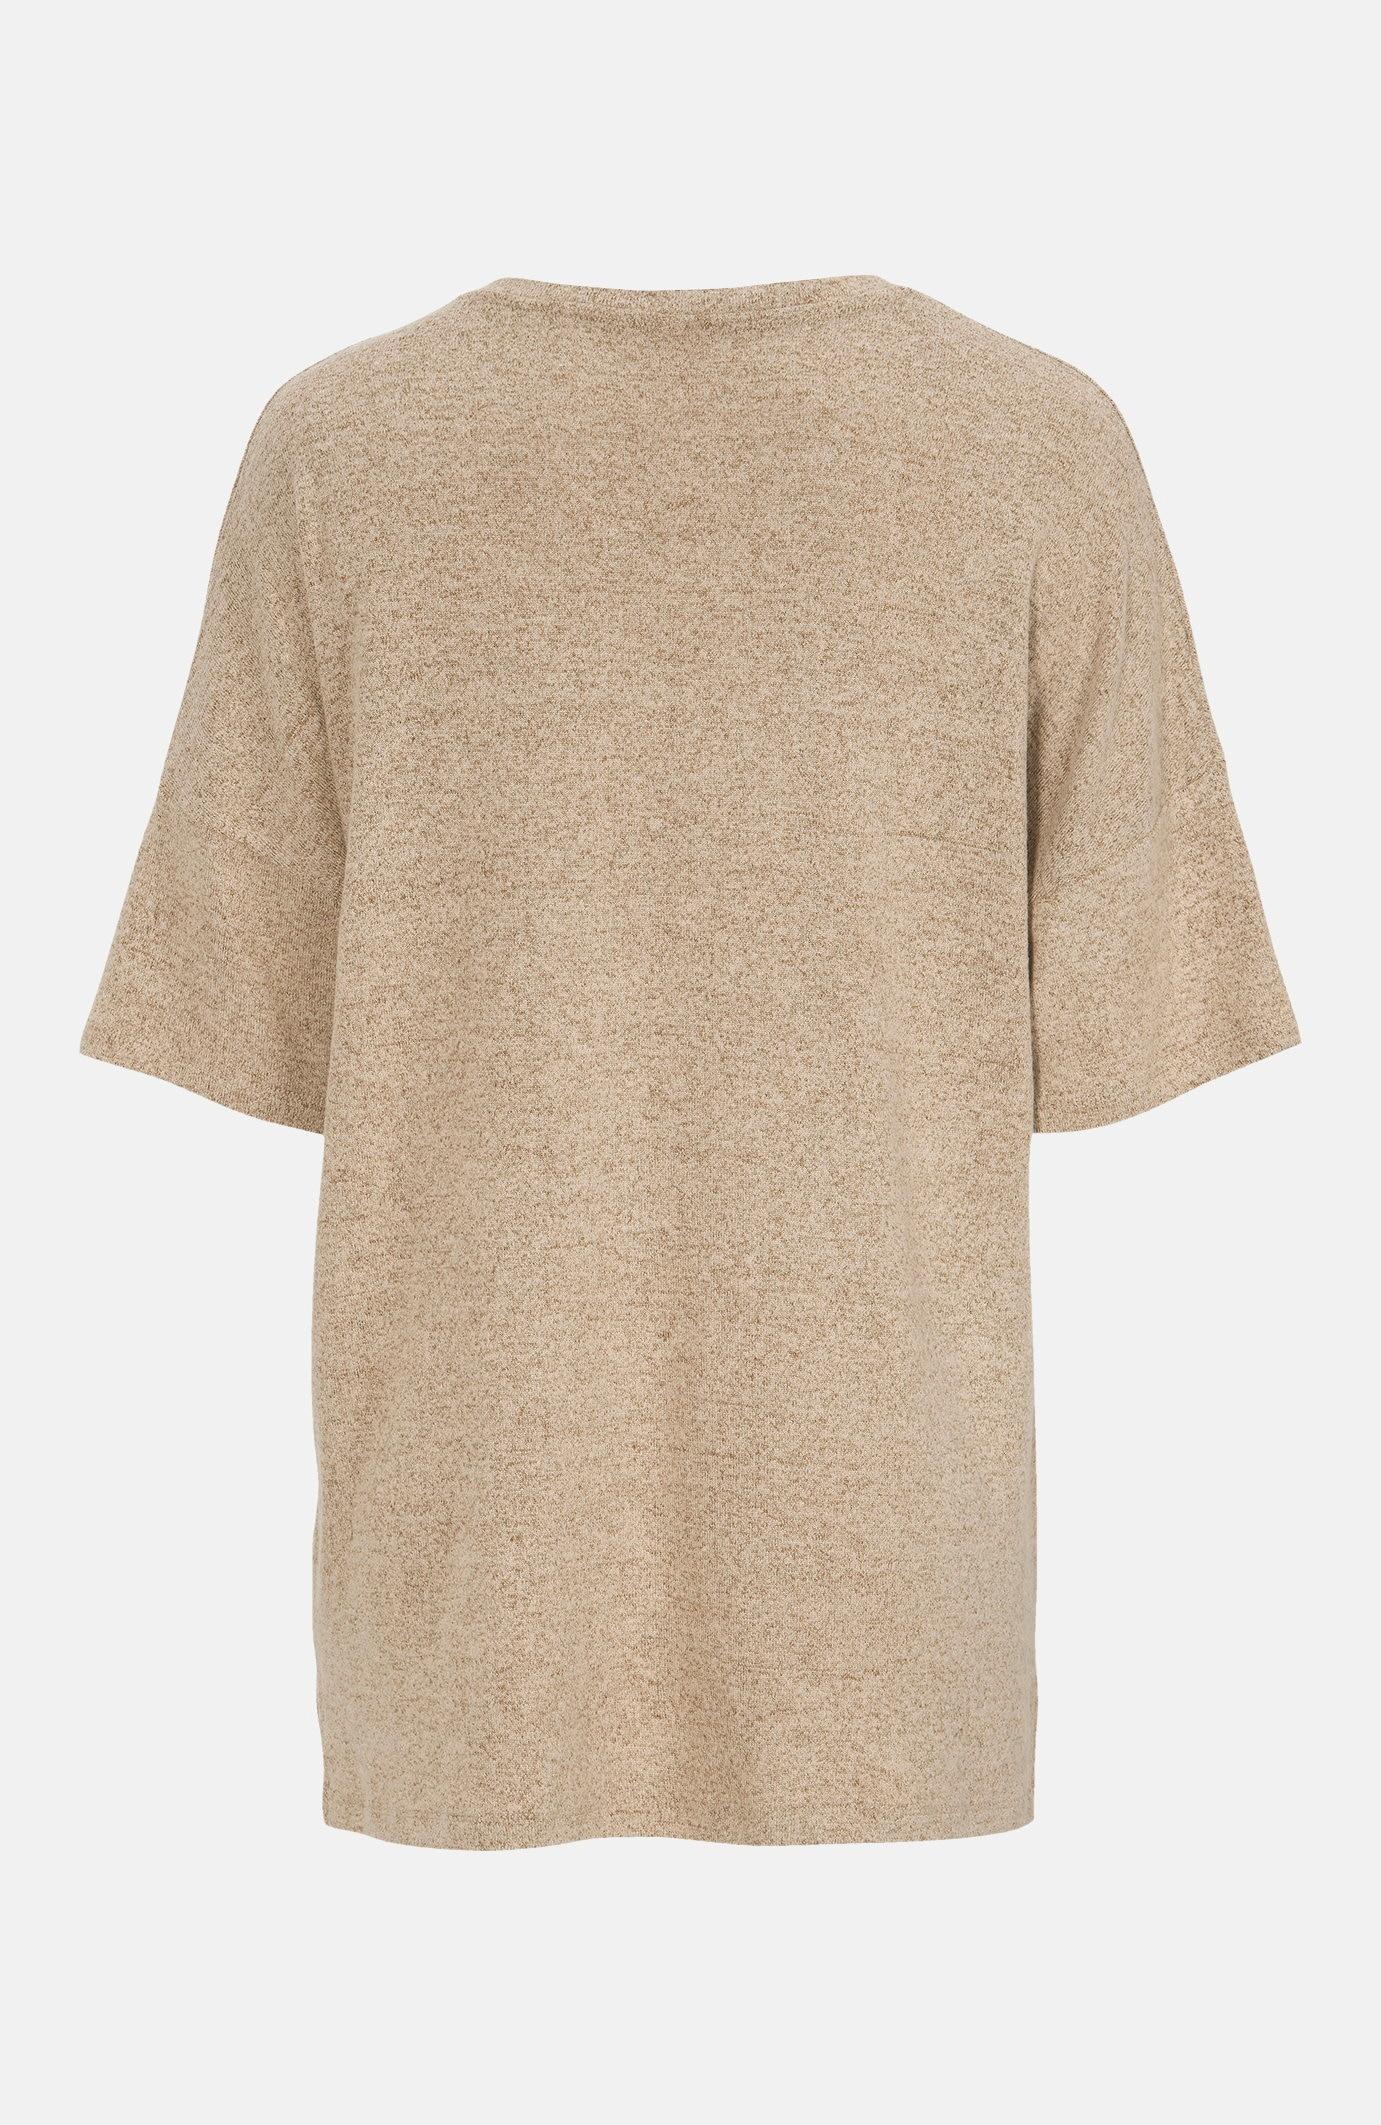 Wyjątkowo miękka oversize'owa koszulka   Biara